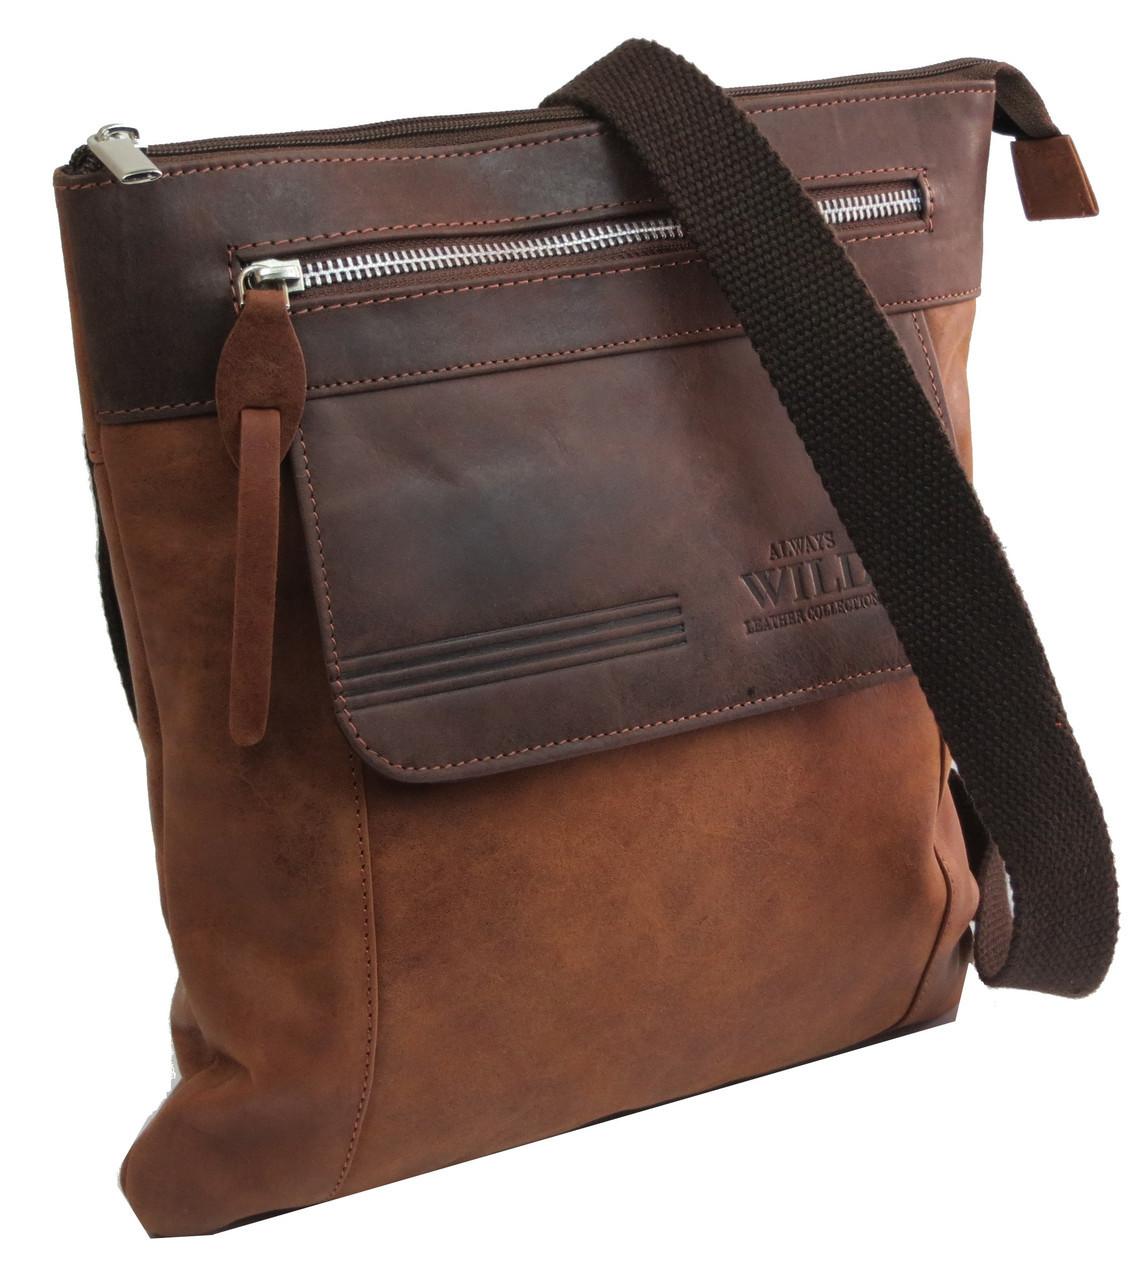 06fea1b11eab Вертикальная мужская кожаная сумка Always Wild BAG4HB - ManWood - cтильные  мужские и женские товары в